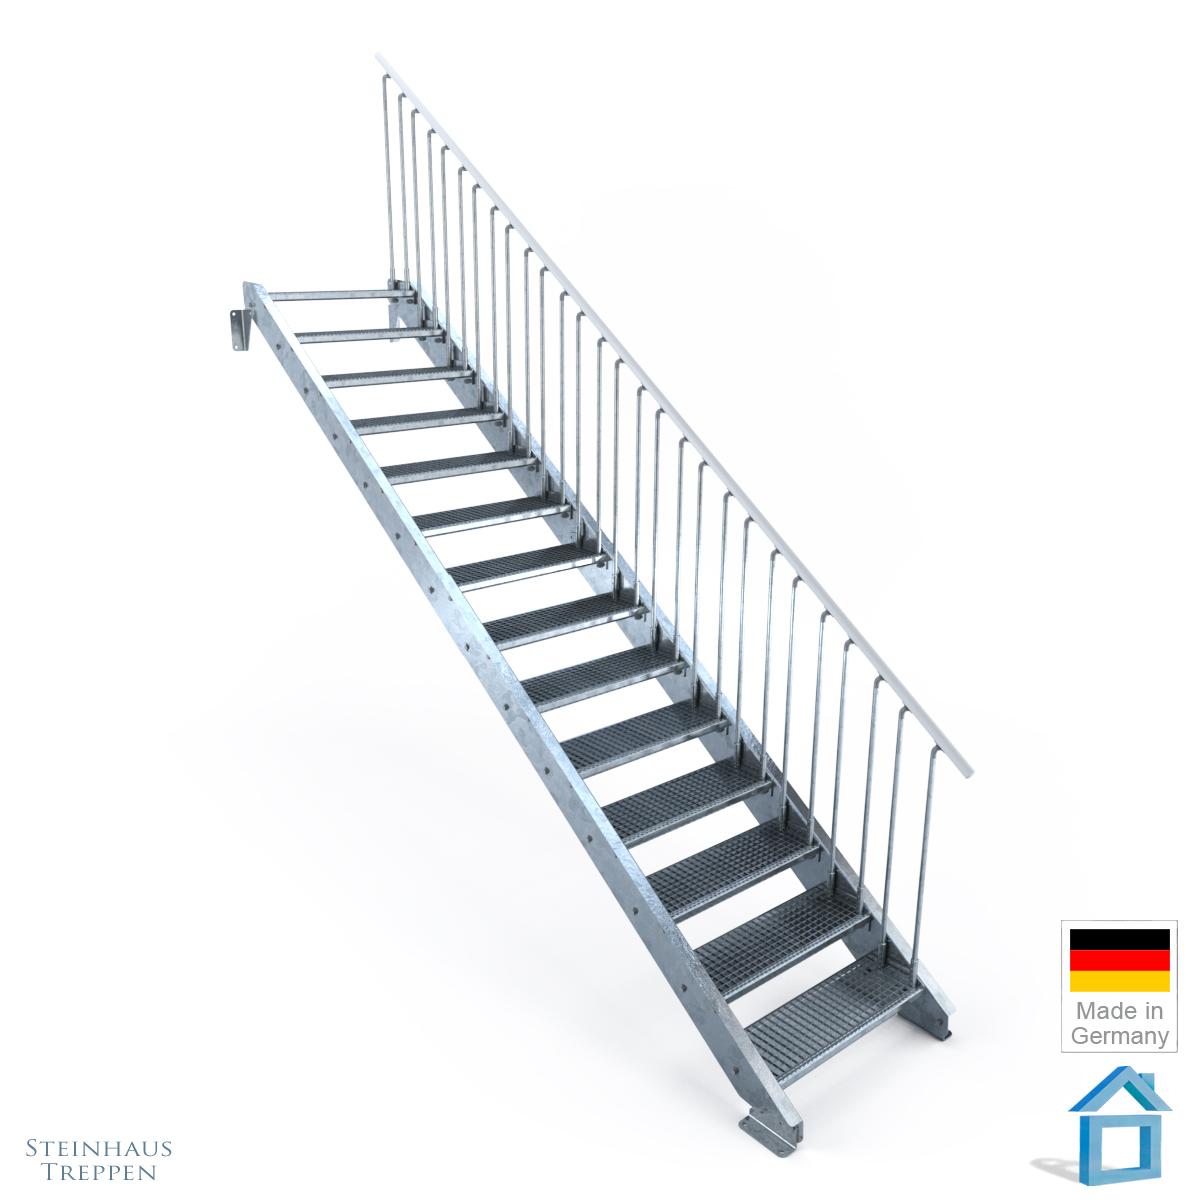 au entreppe stahl mit 14 stahlstufen f r h hen bis 330 cm steinhaus treppen treppen g nstig. Black Bedroom Furniture Sets. Home Design Ideas